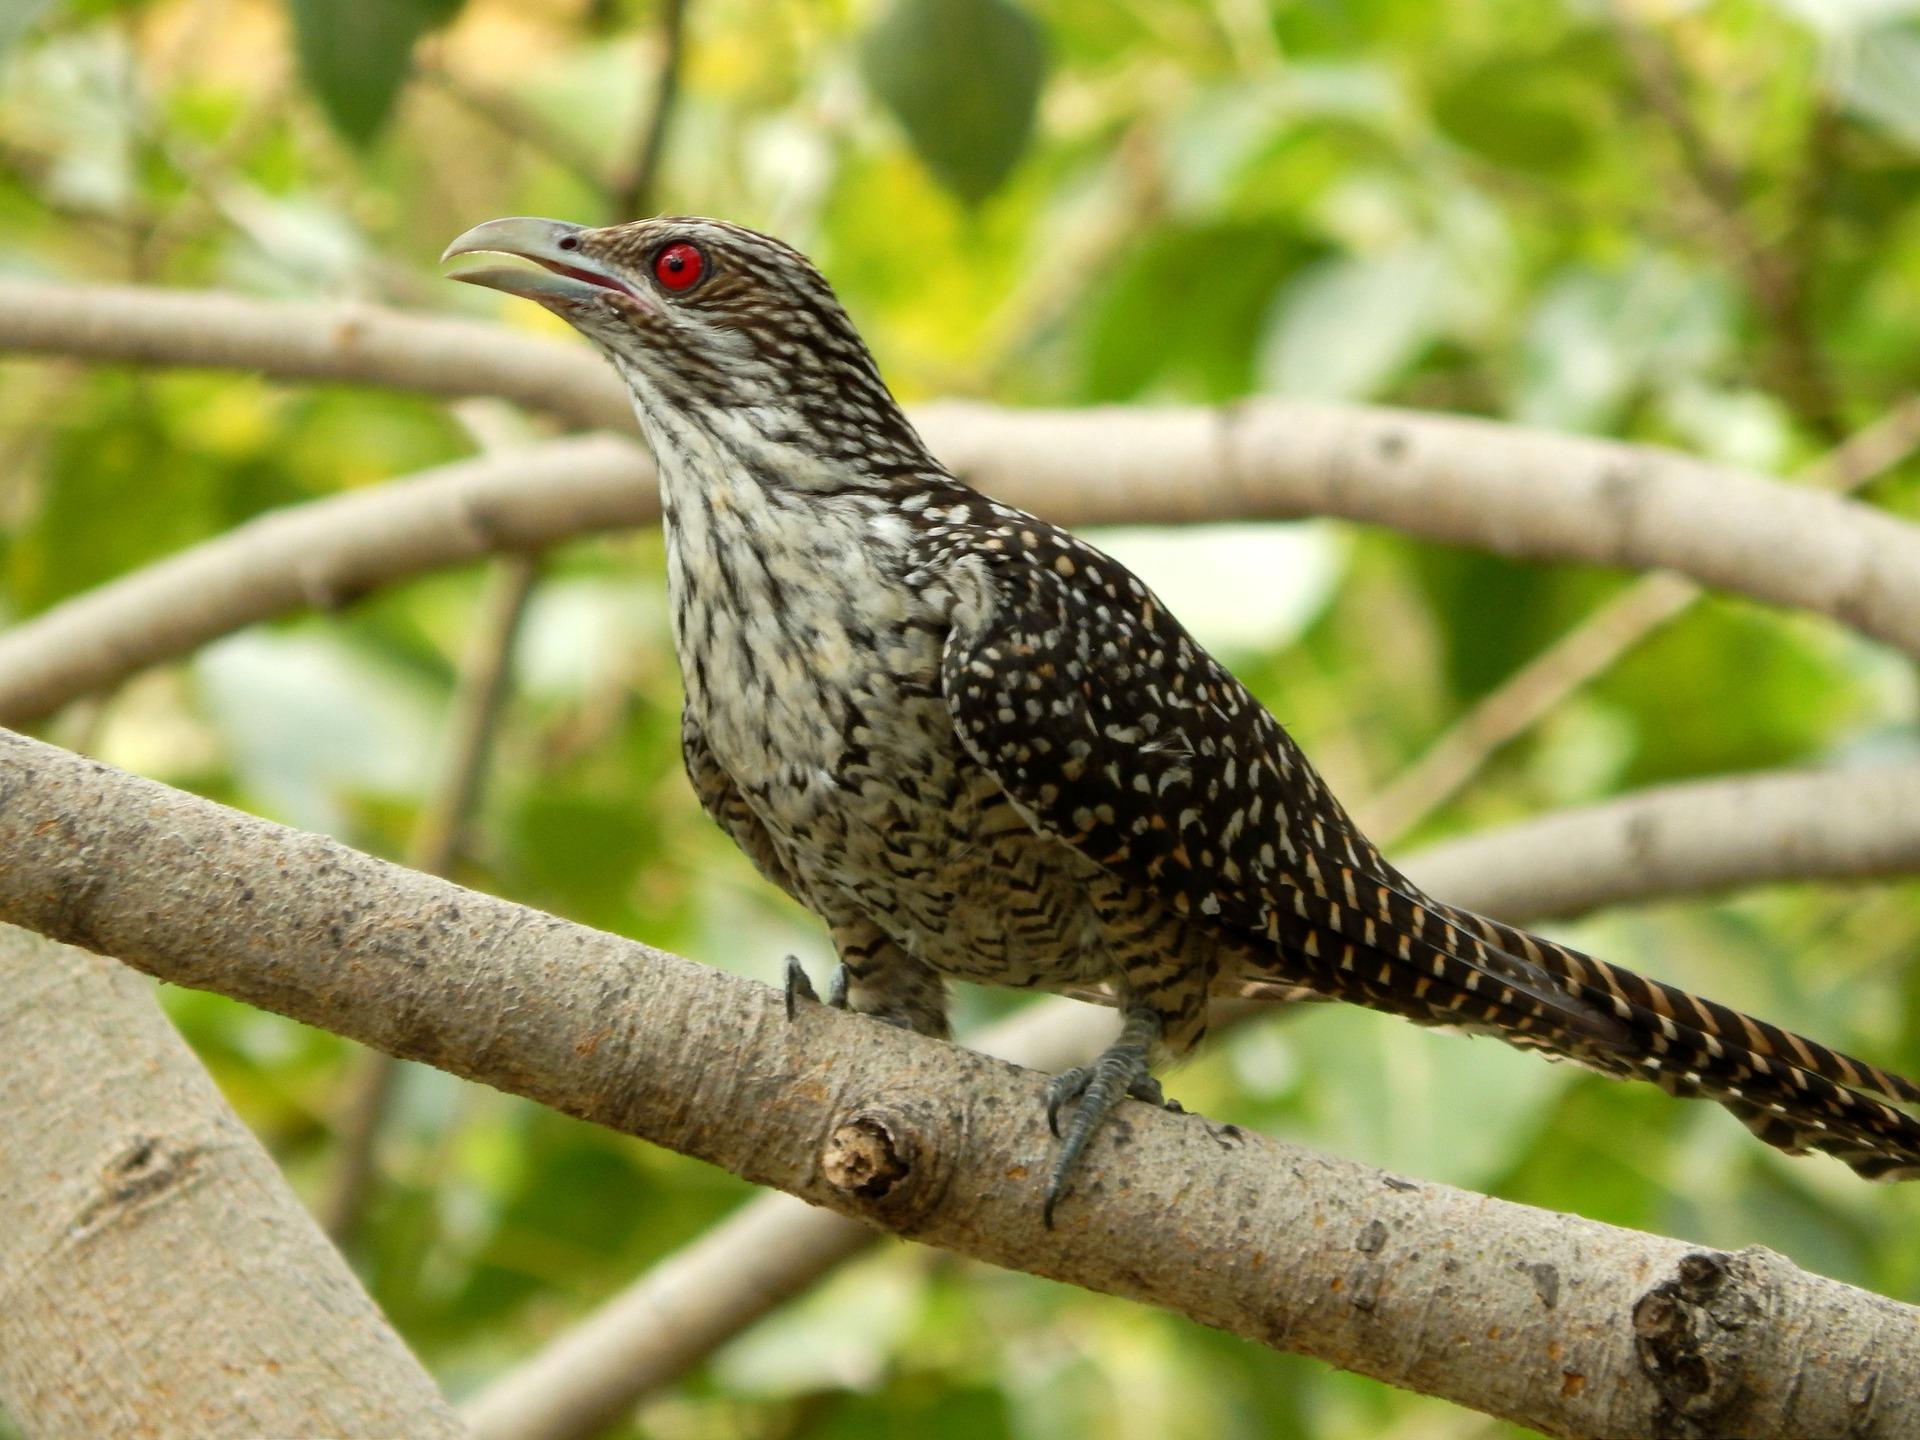 cuckoo-574790_1920.jpg